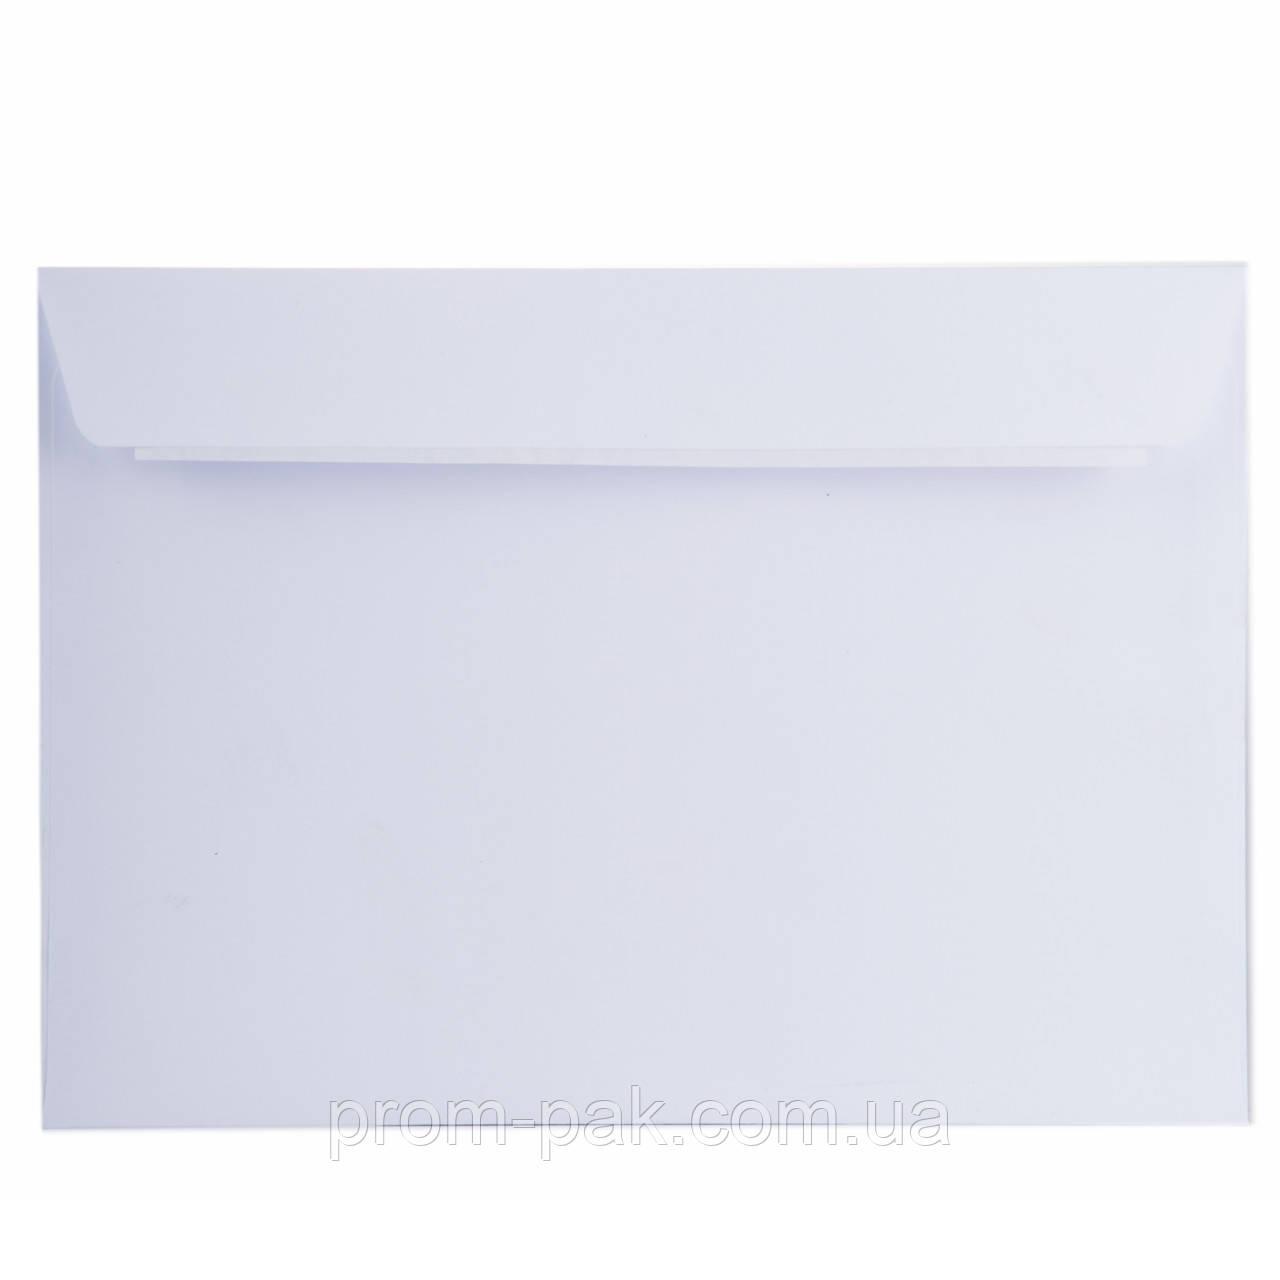 Конверт для писем  С5 ОЛ